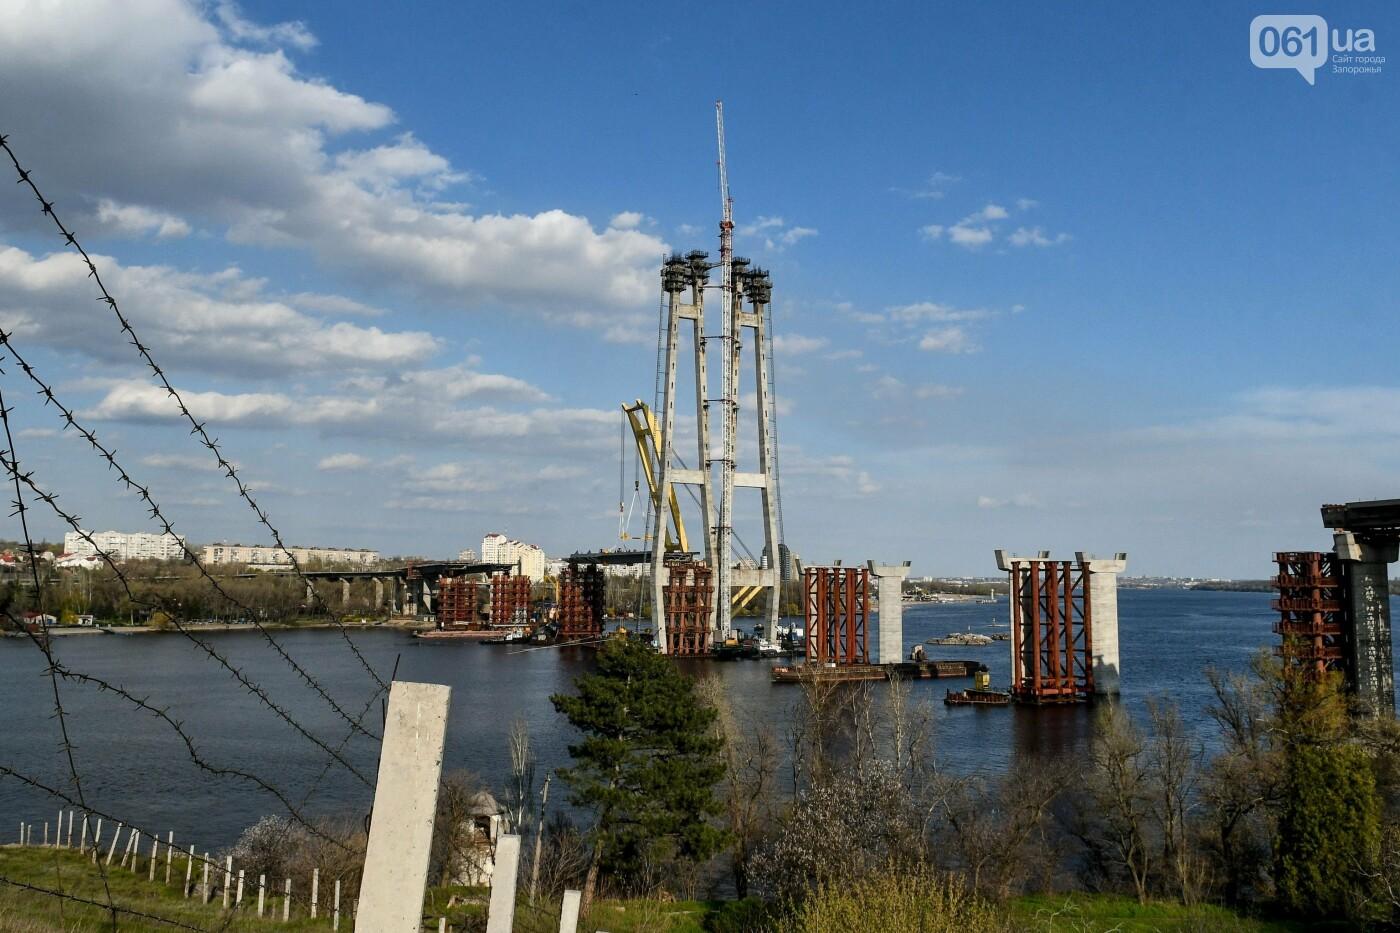 В Запорожье монтируют первый блок вантового моста, - ФОТОРЕПОРТАЖ, фото-12